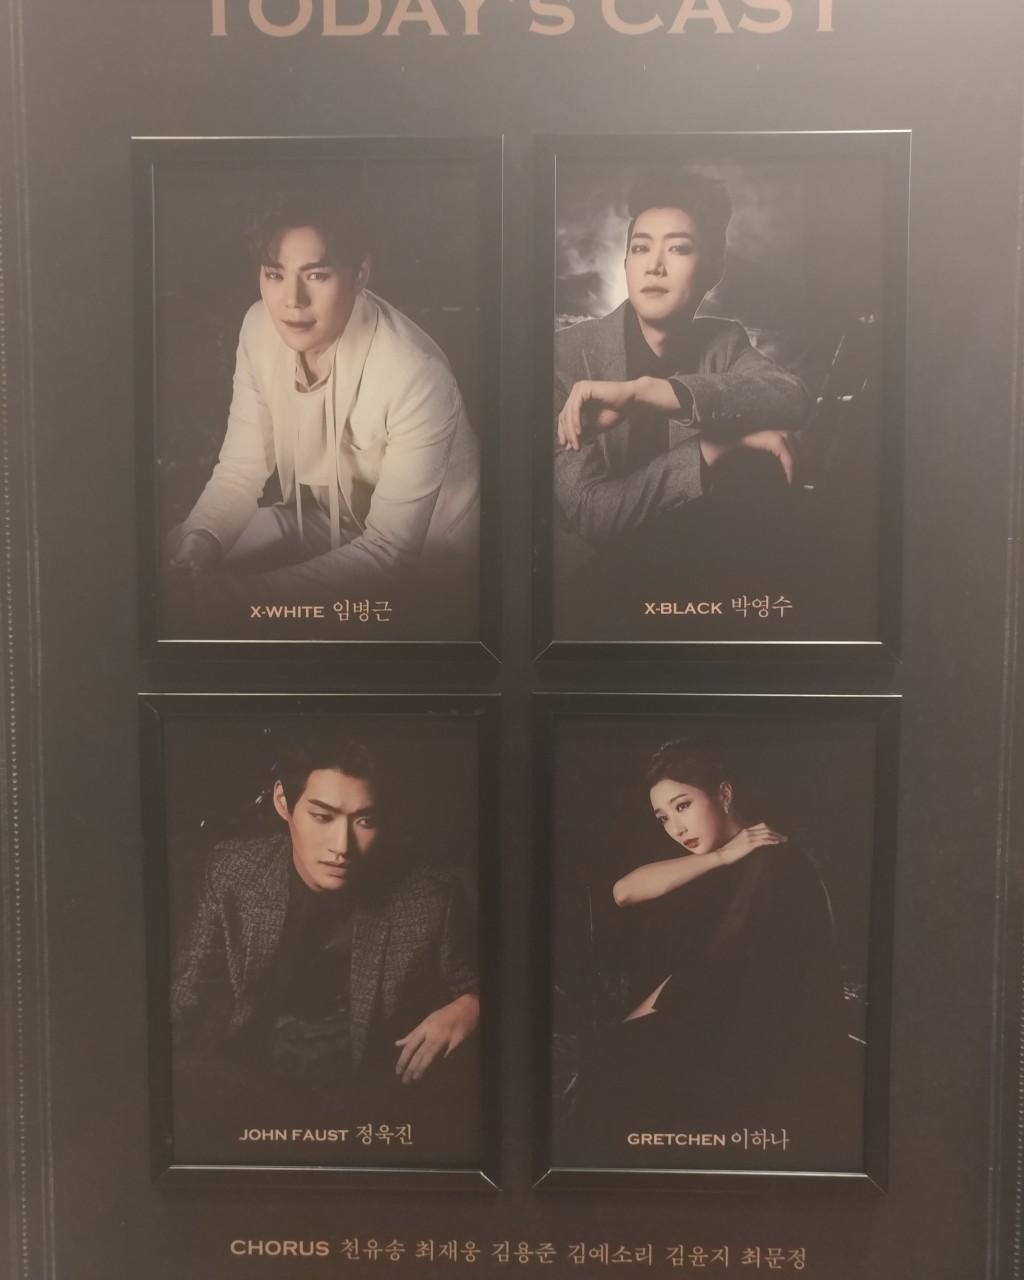 2017년 3월 1일 뮤지컬 더 데빌 - 드림아트센터 1관 에..